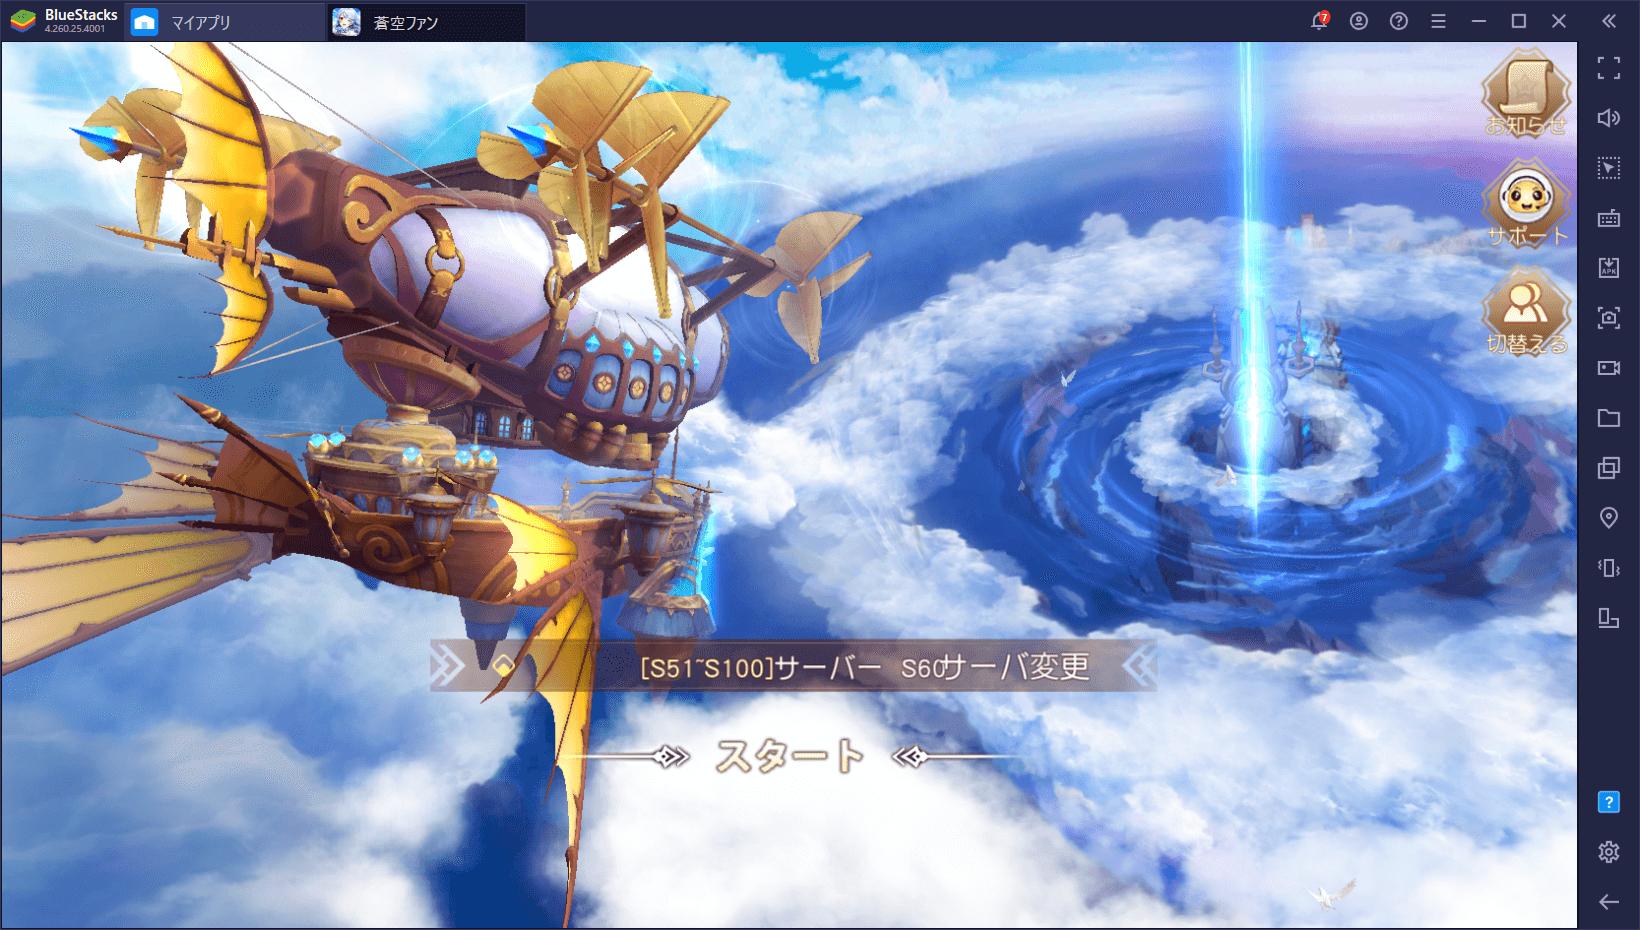 BlueStacksを使ってPCで『蒼空ファンタジー~運命のヴァルキュリア~』を遊ぼう